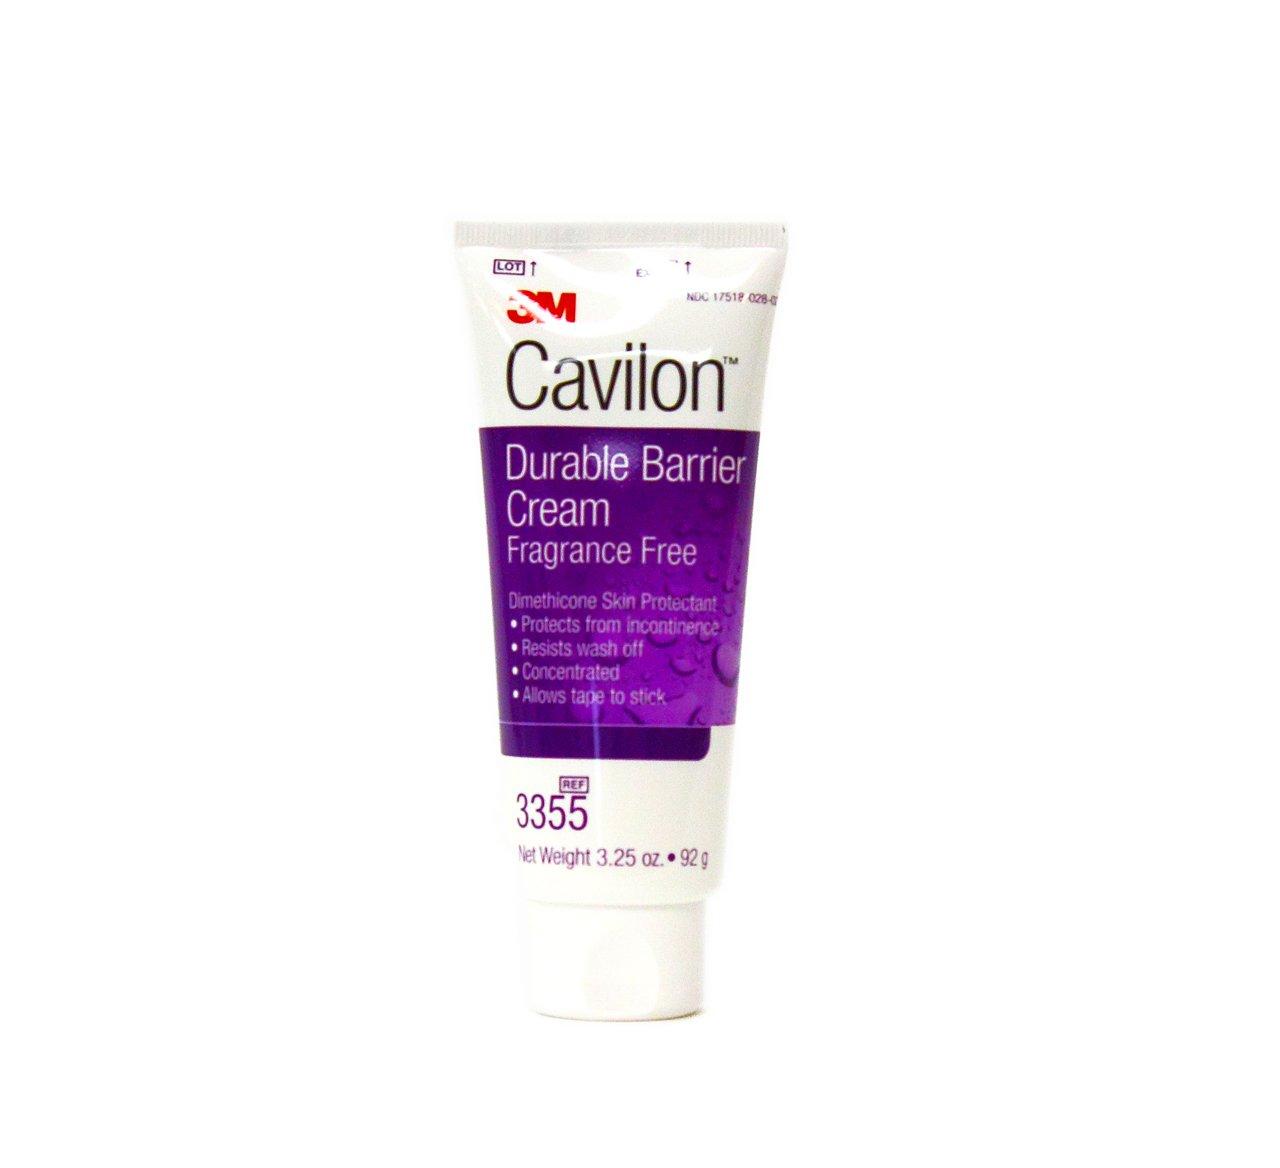 3M Cavilon Durable Barrier Cream Fragrance Free 3.25 ounce (92g) Tube